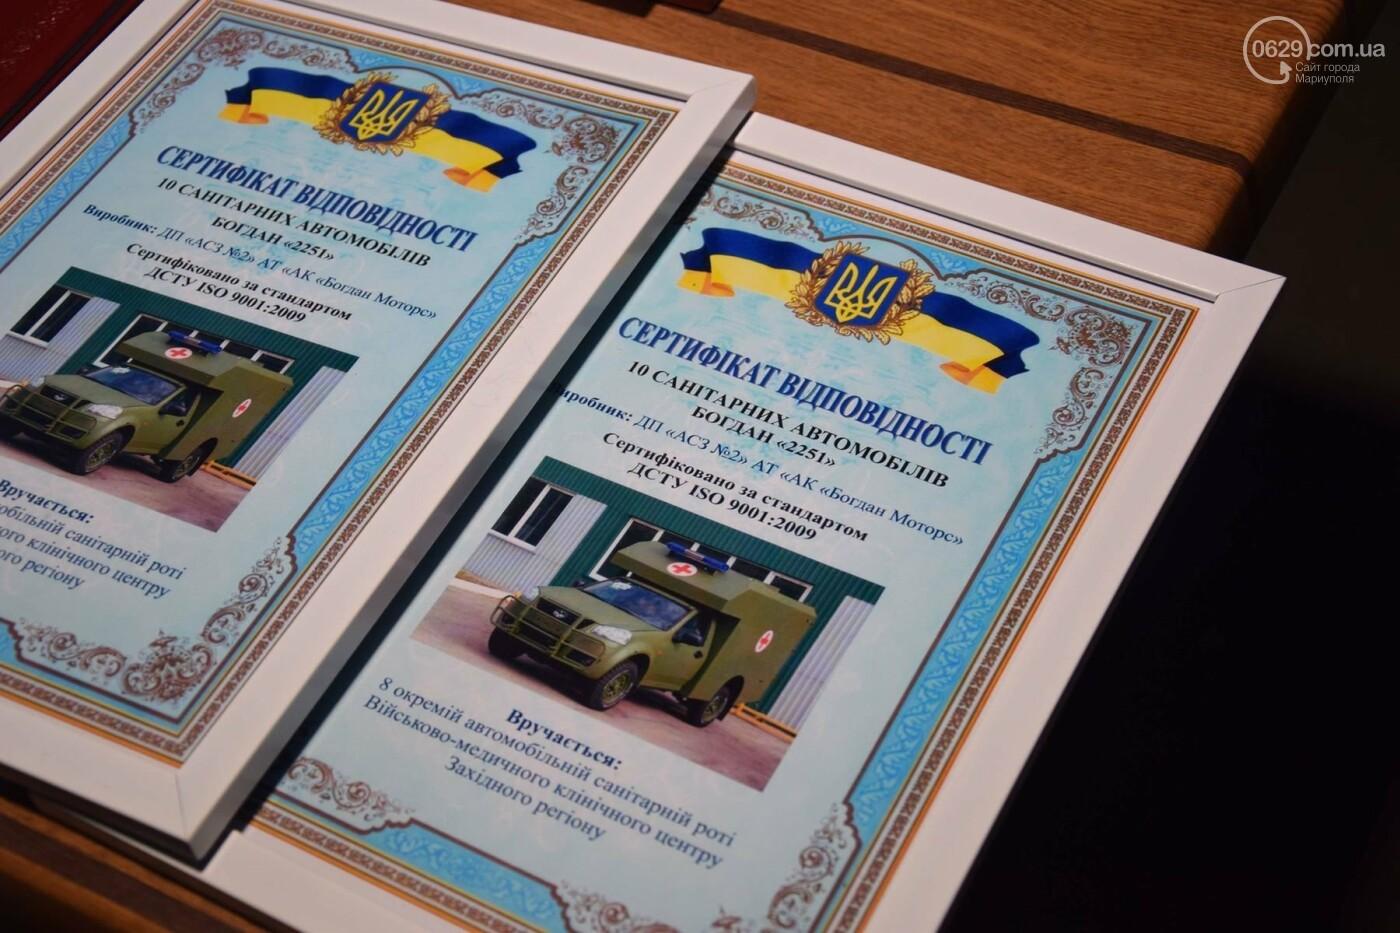 Порошенко подарил военным медикам в Мариуполе 20 современных санитарных автомобилей, - ФОТО, ВИДЕО, фото-3